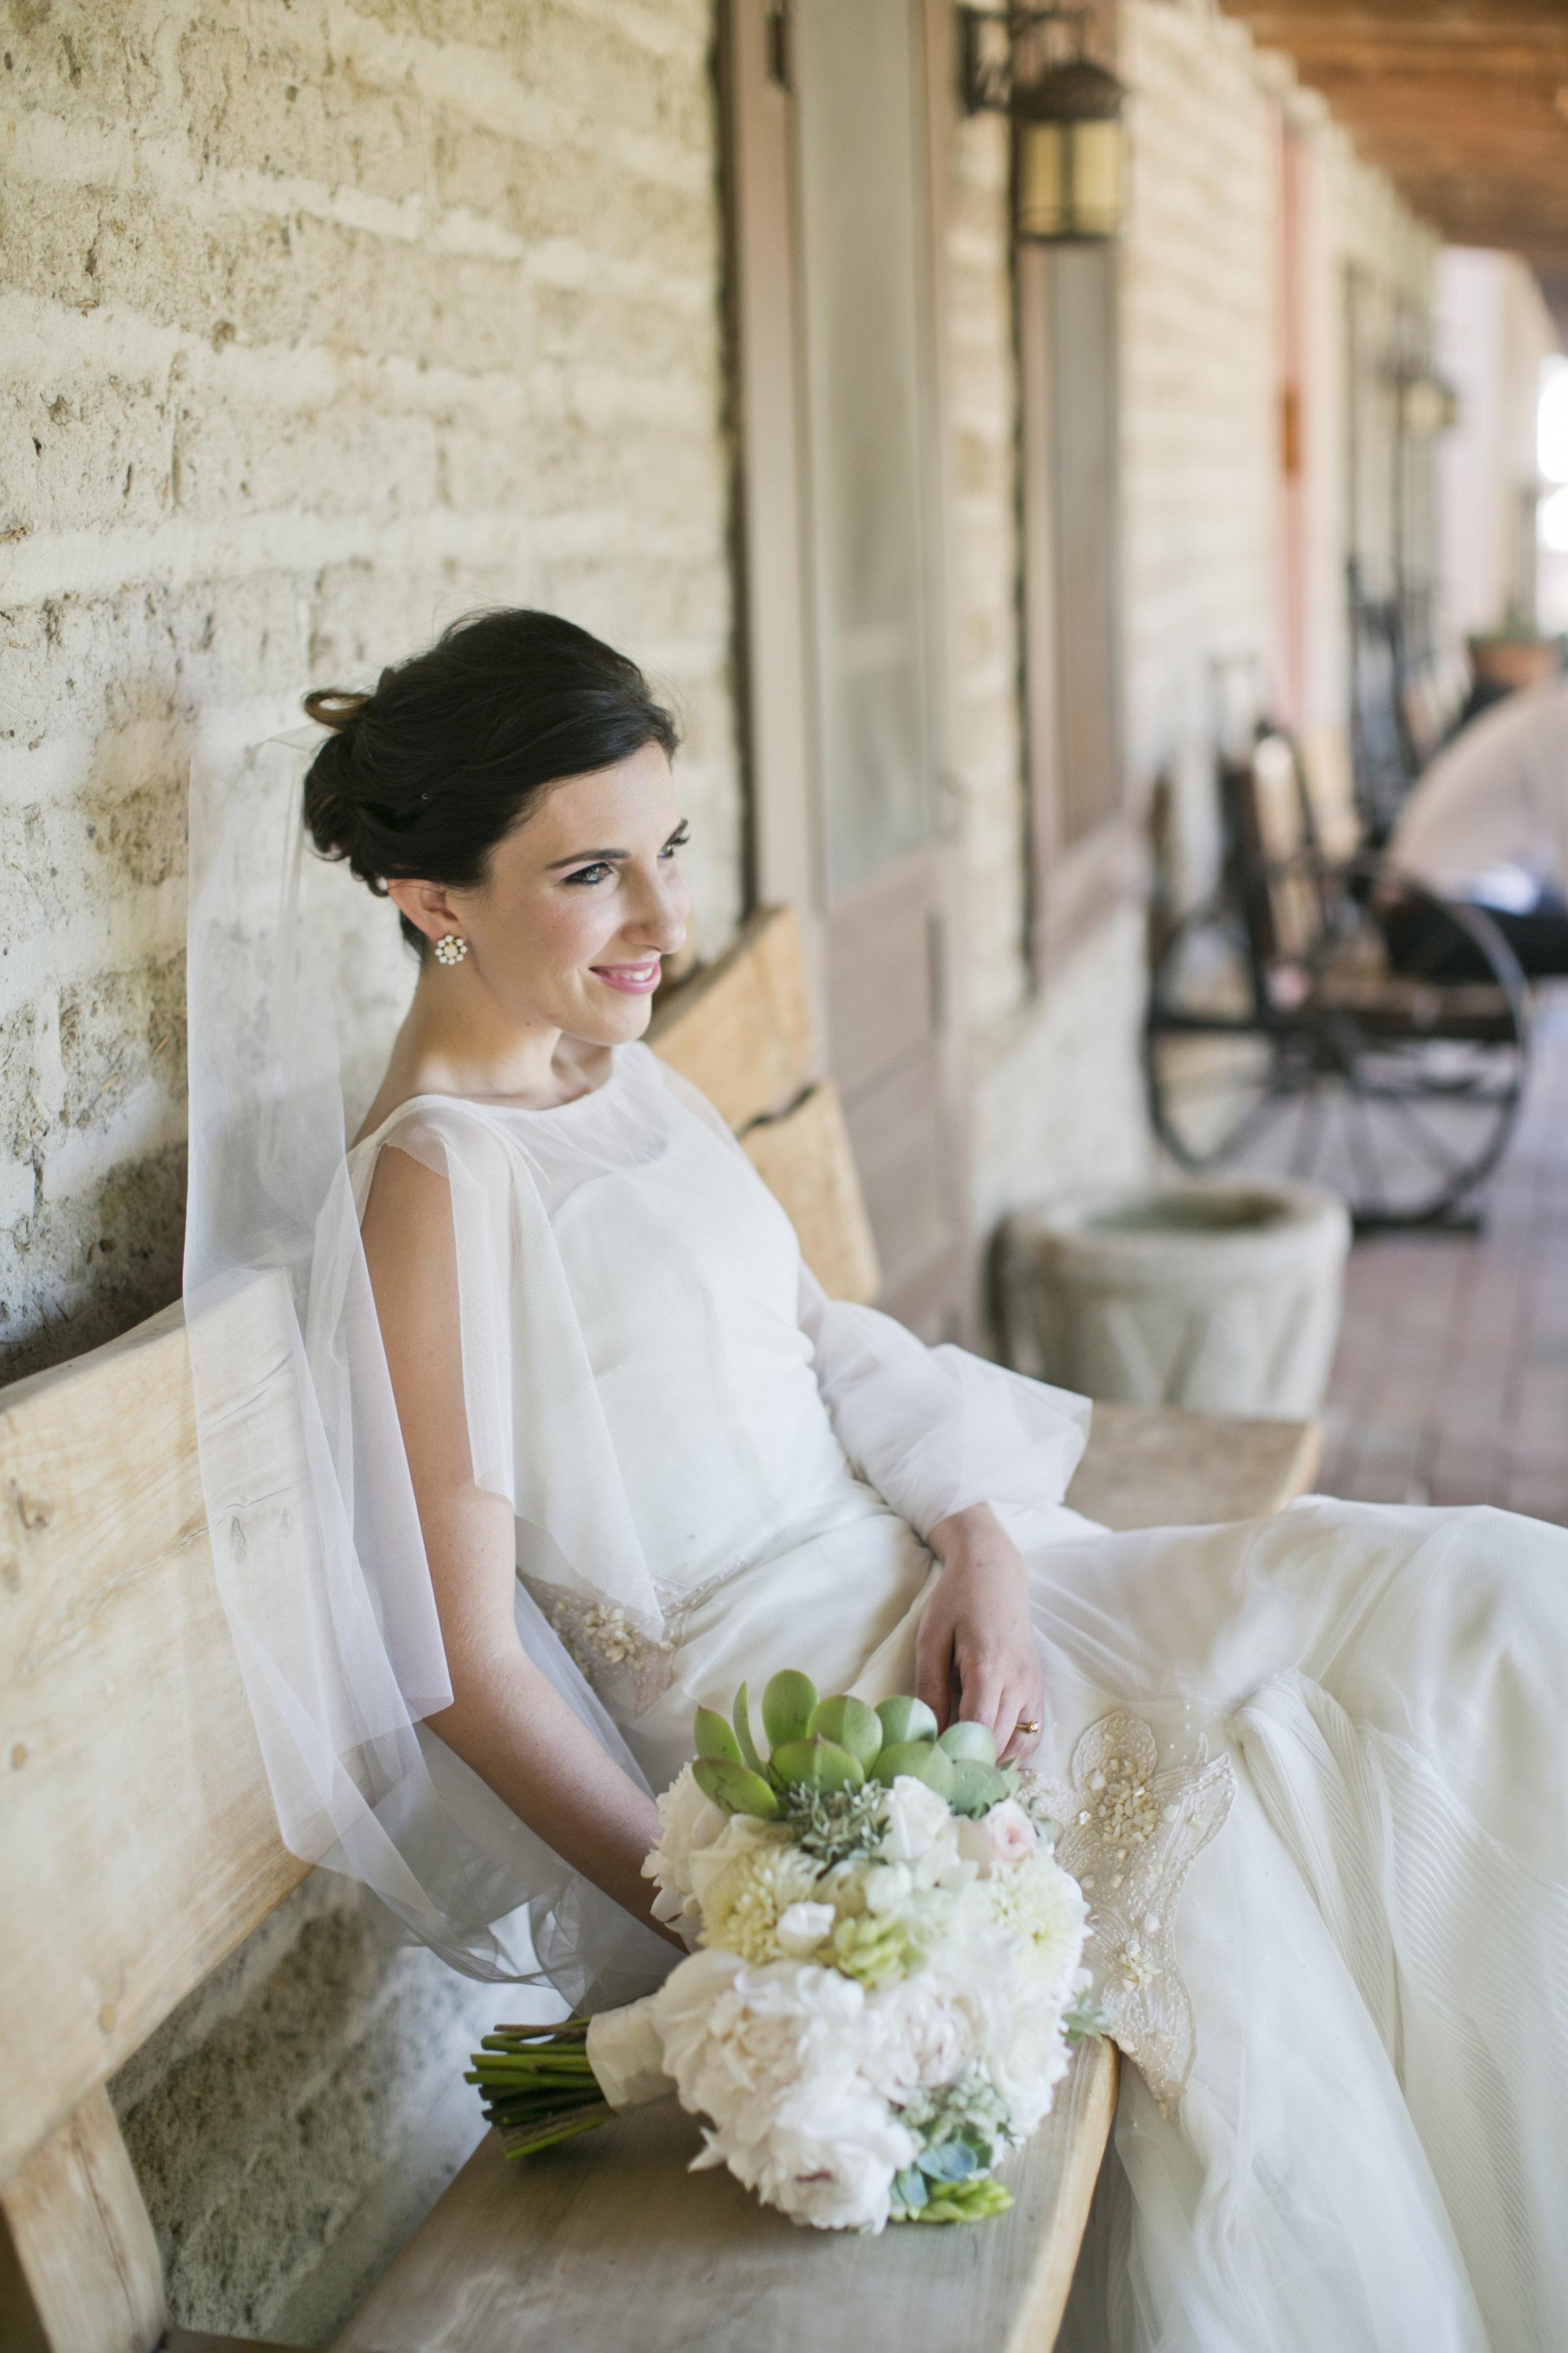 Ceci_New_York_Ceci_Style_Ceci_Johnson_Luxury_Lifestyle_Arizona_Wedding_Watercolor_Inspiration_Design_Custom_Couture_Personalized_Invitations_49.jpg